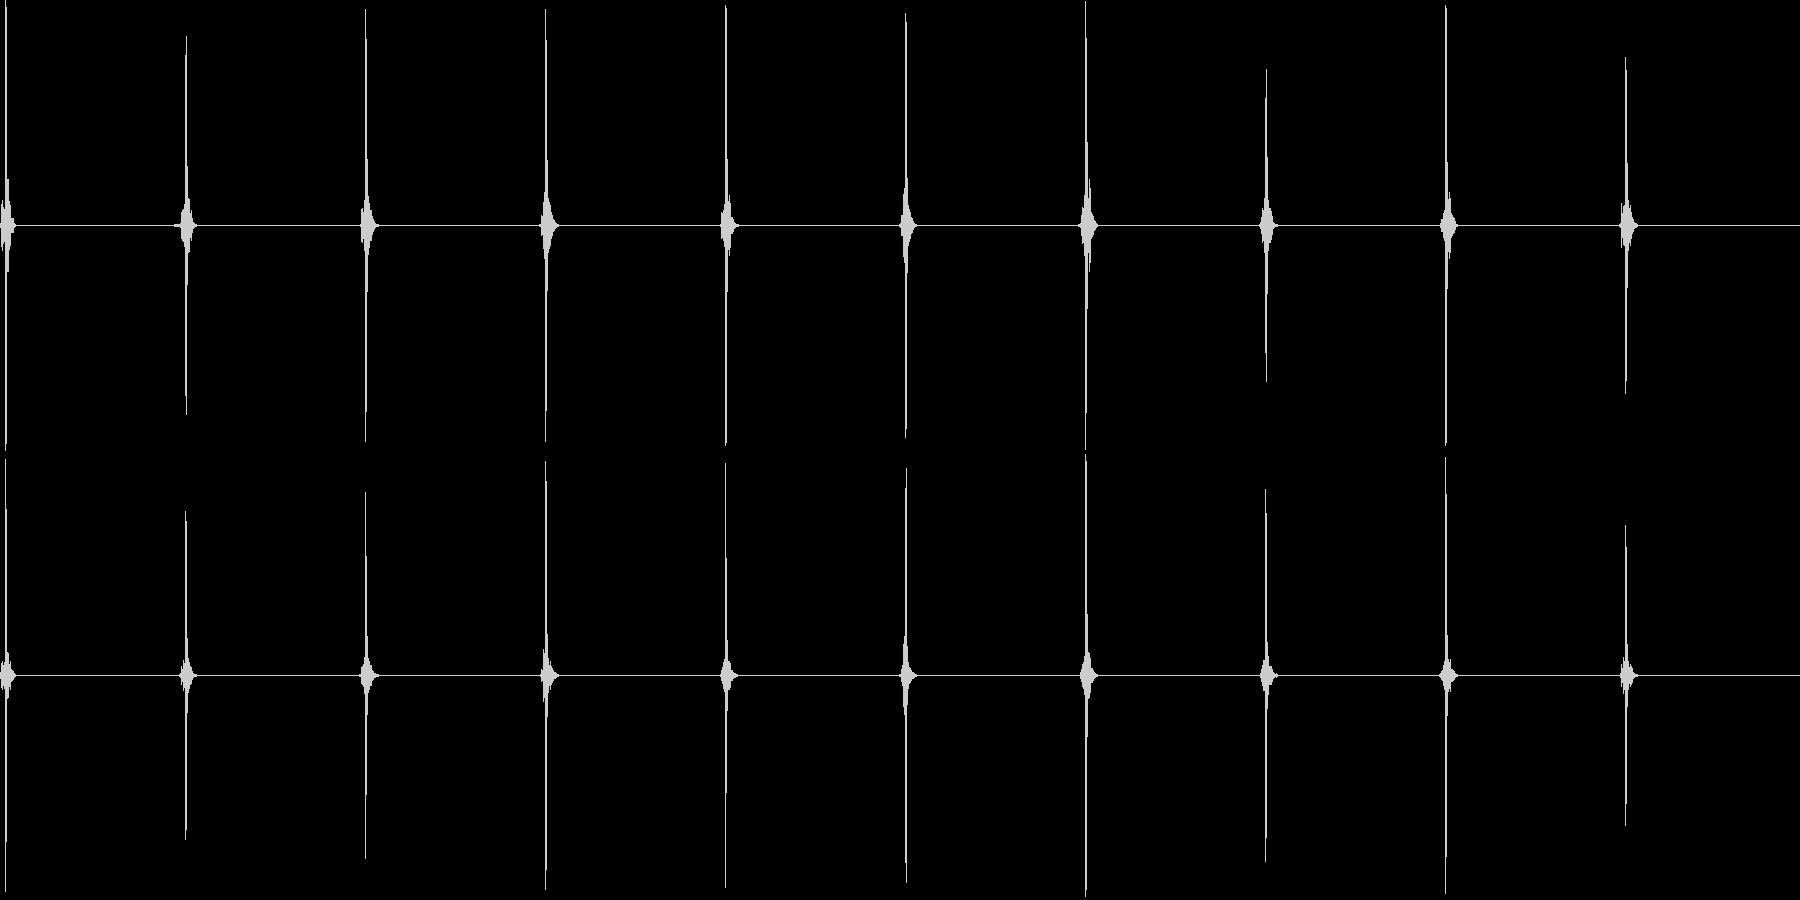 時計の秒針音(ループ可)ドライの未再生の波形